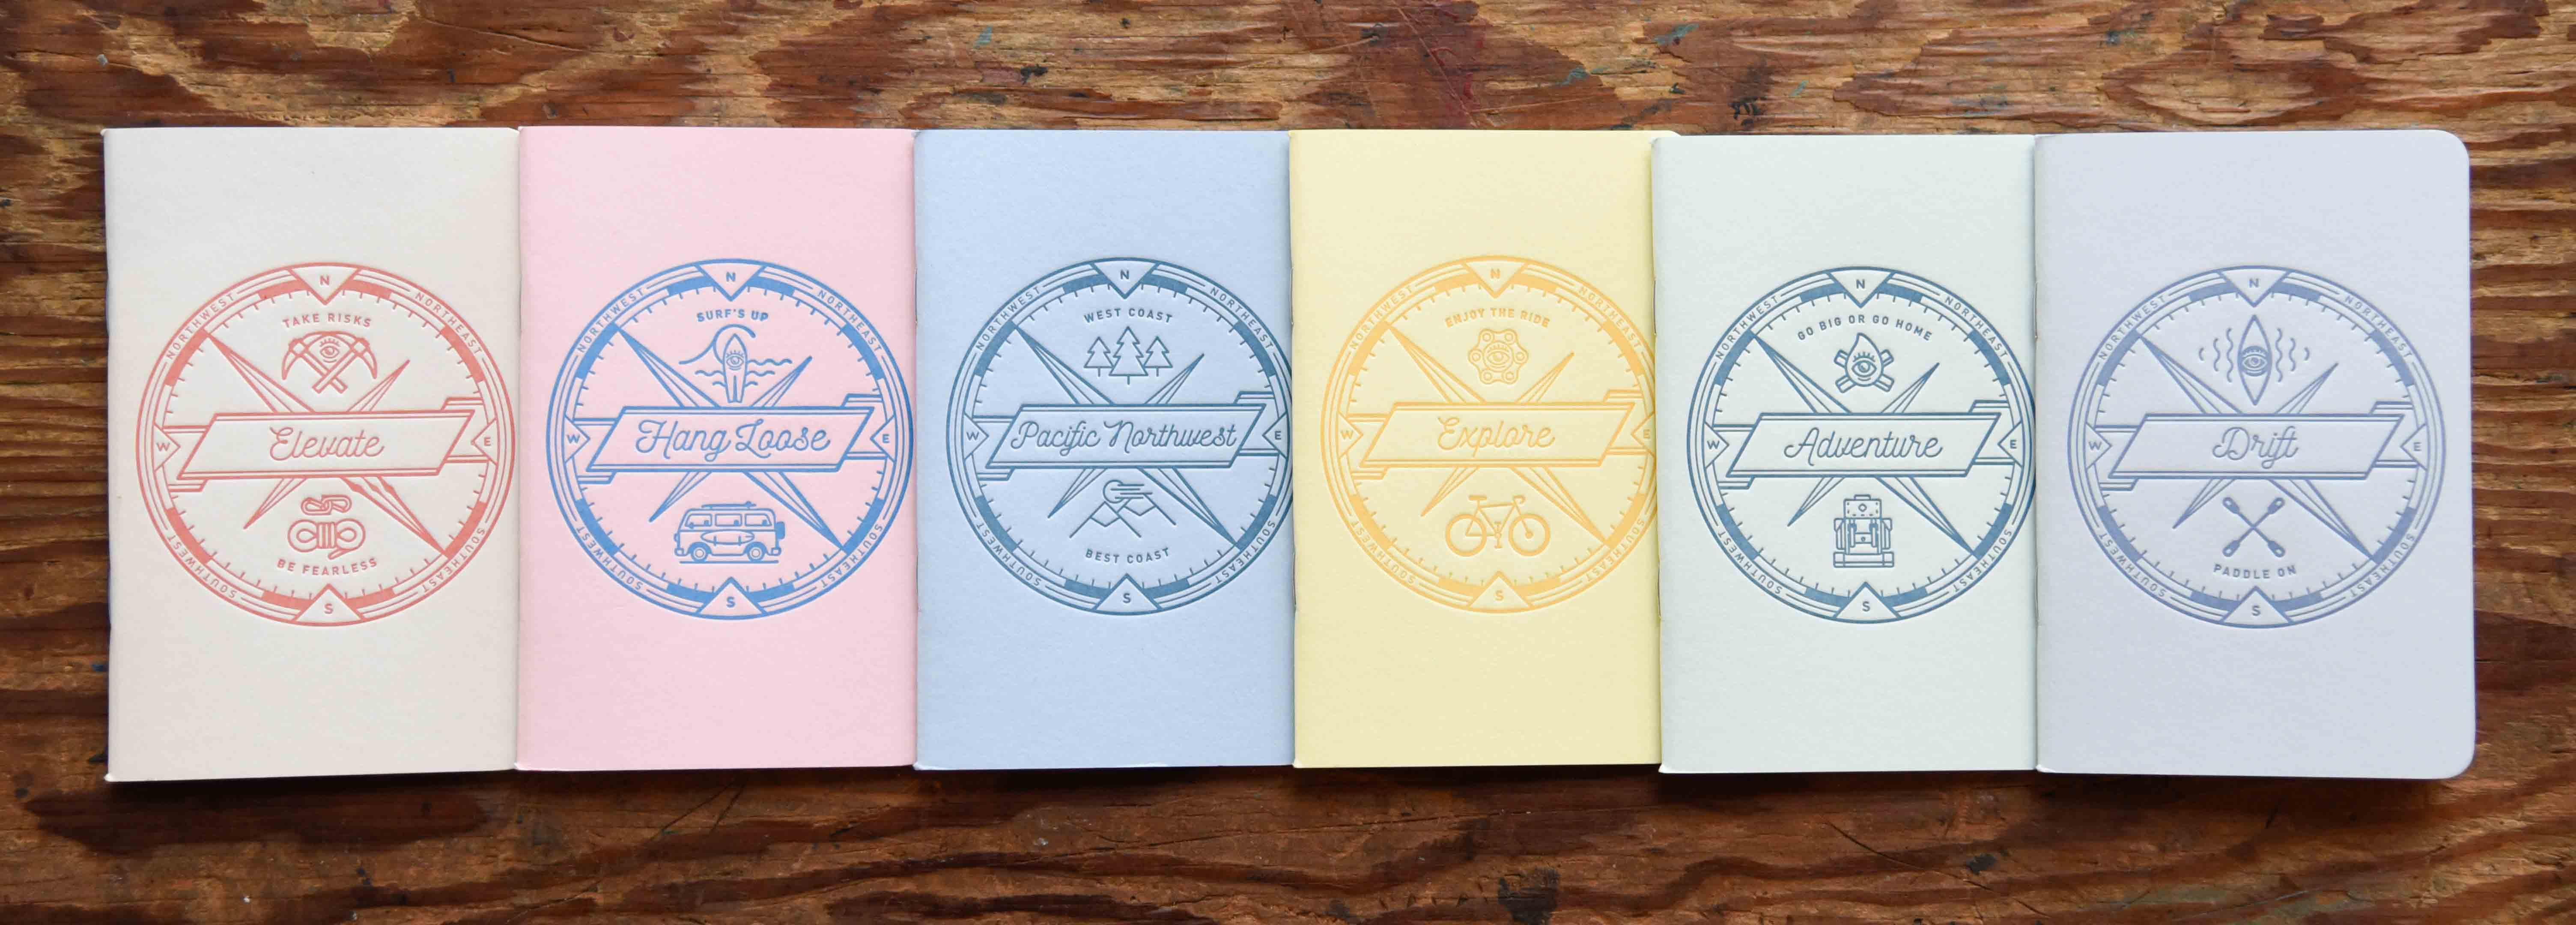 custom letterpress notebooks